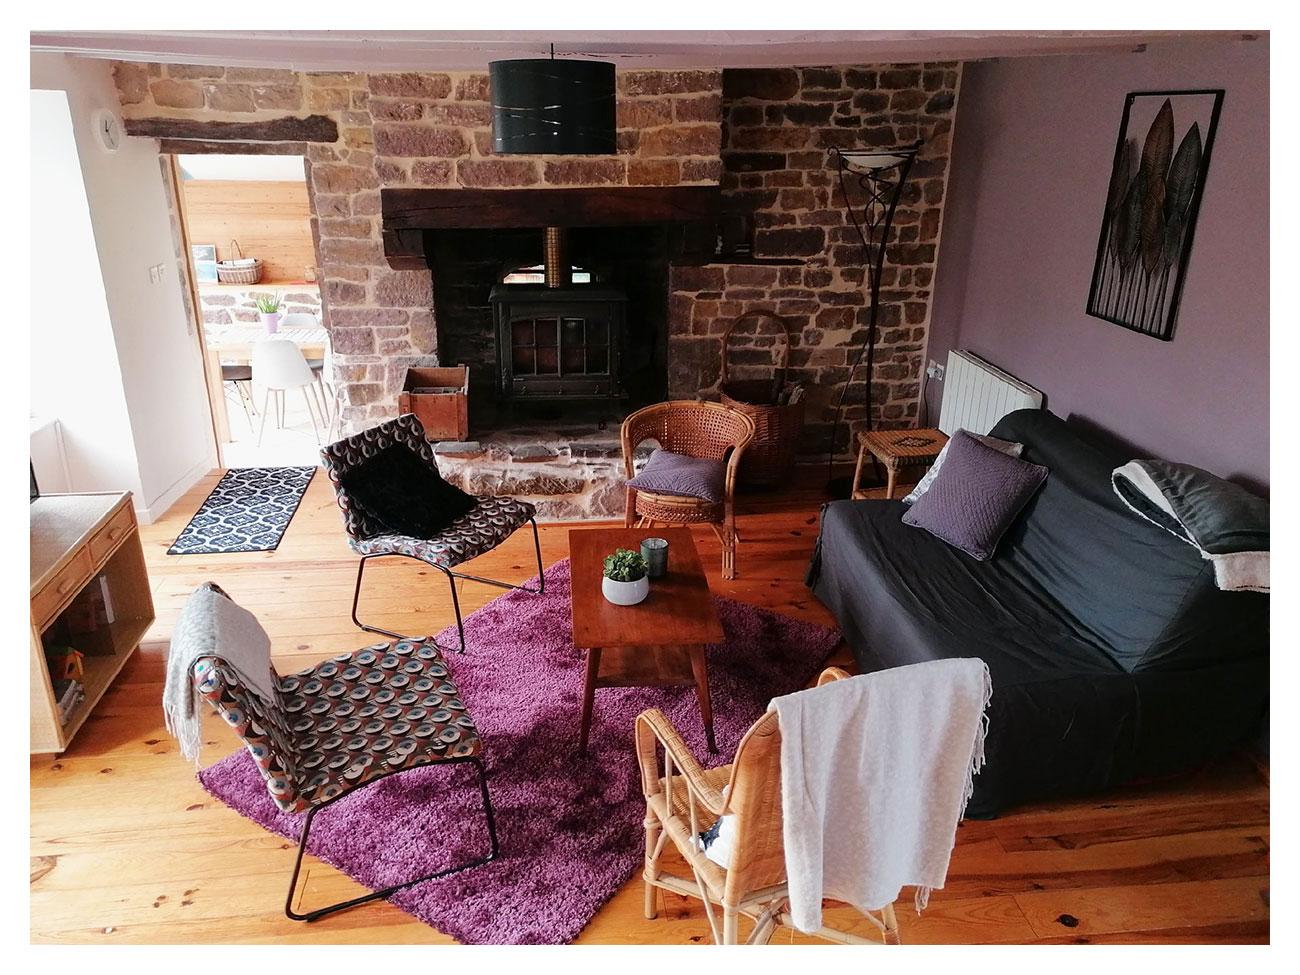 Le salon du gîte La Parisière,, un espace chaleureux et convivial autour de la cheminée